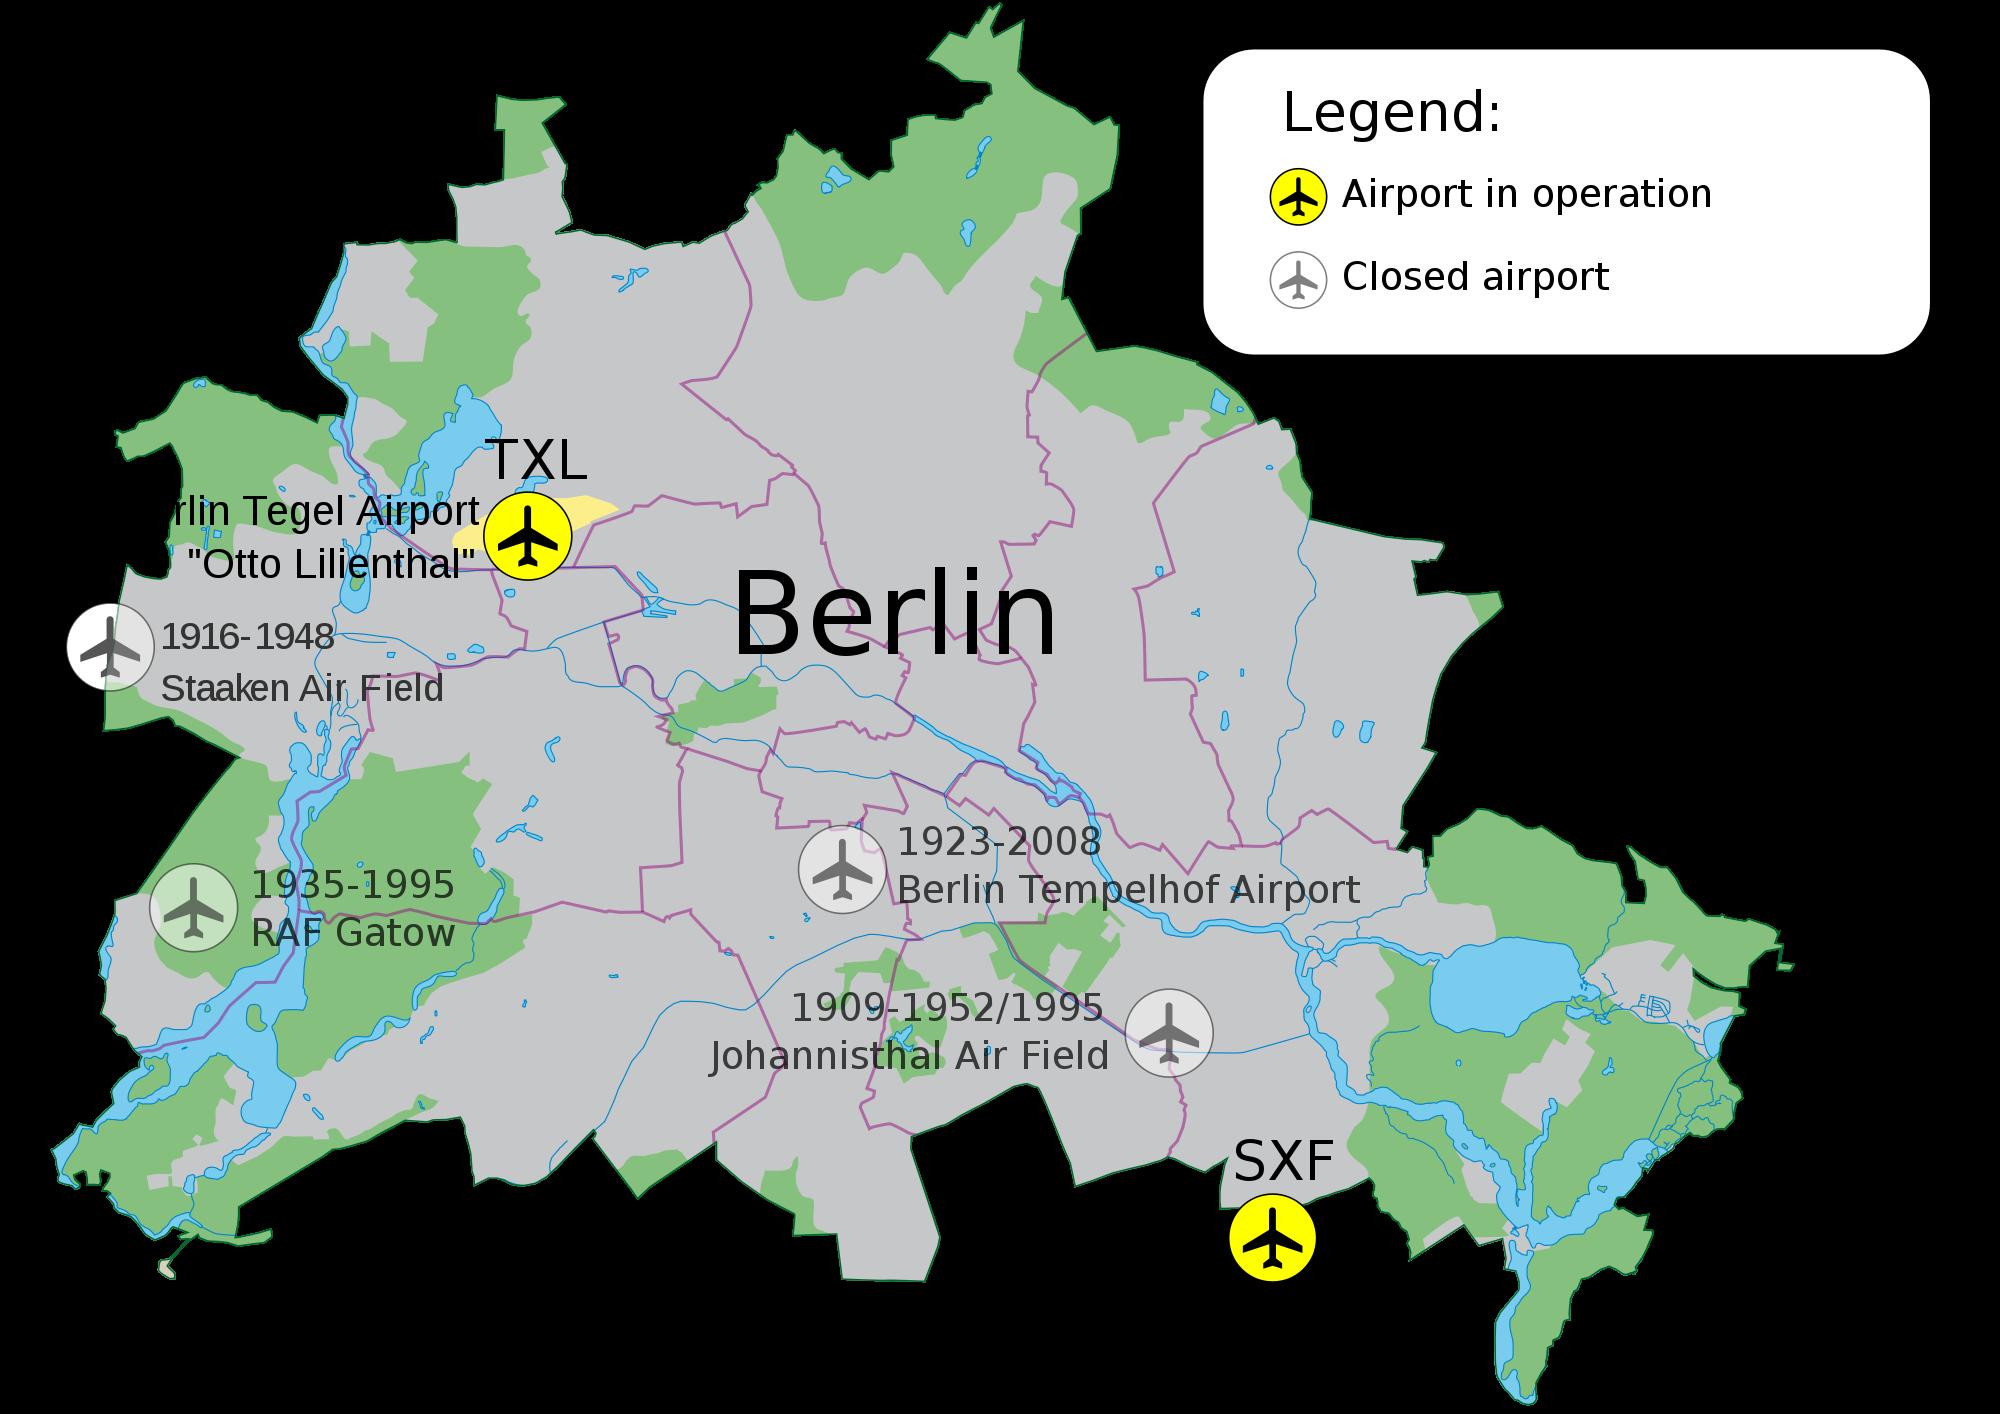 Aeropuertos de Berlín 2009